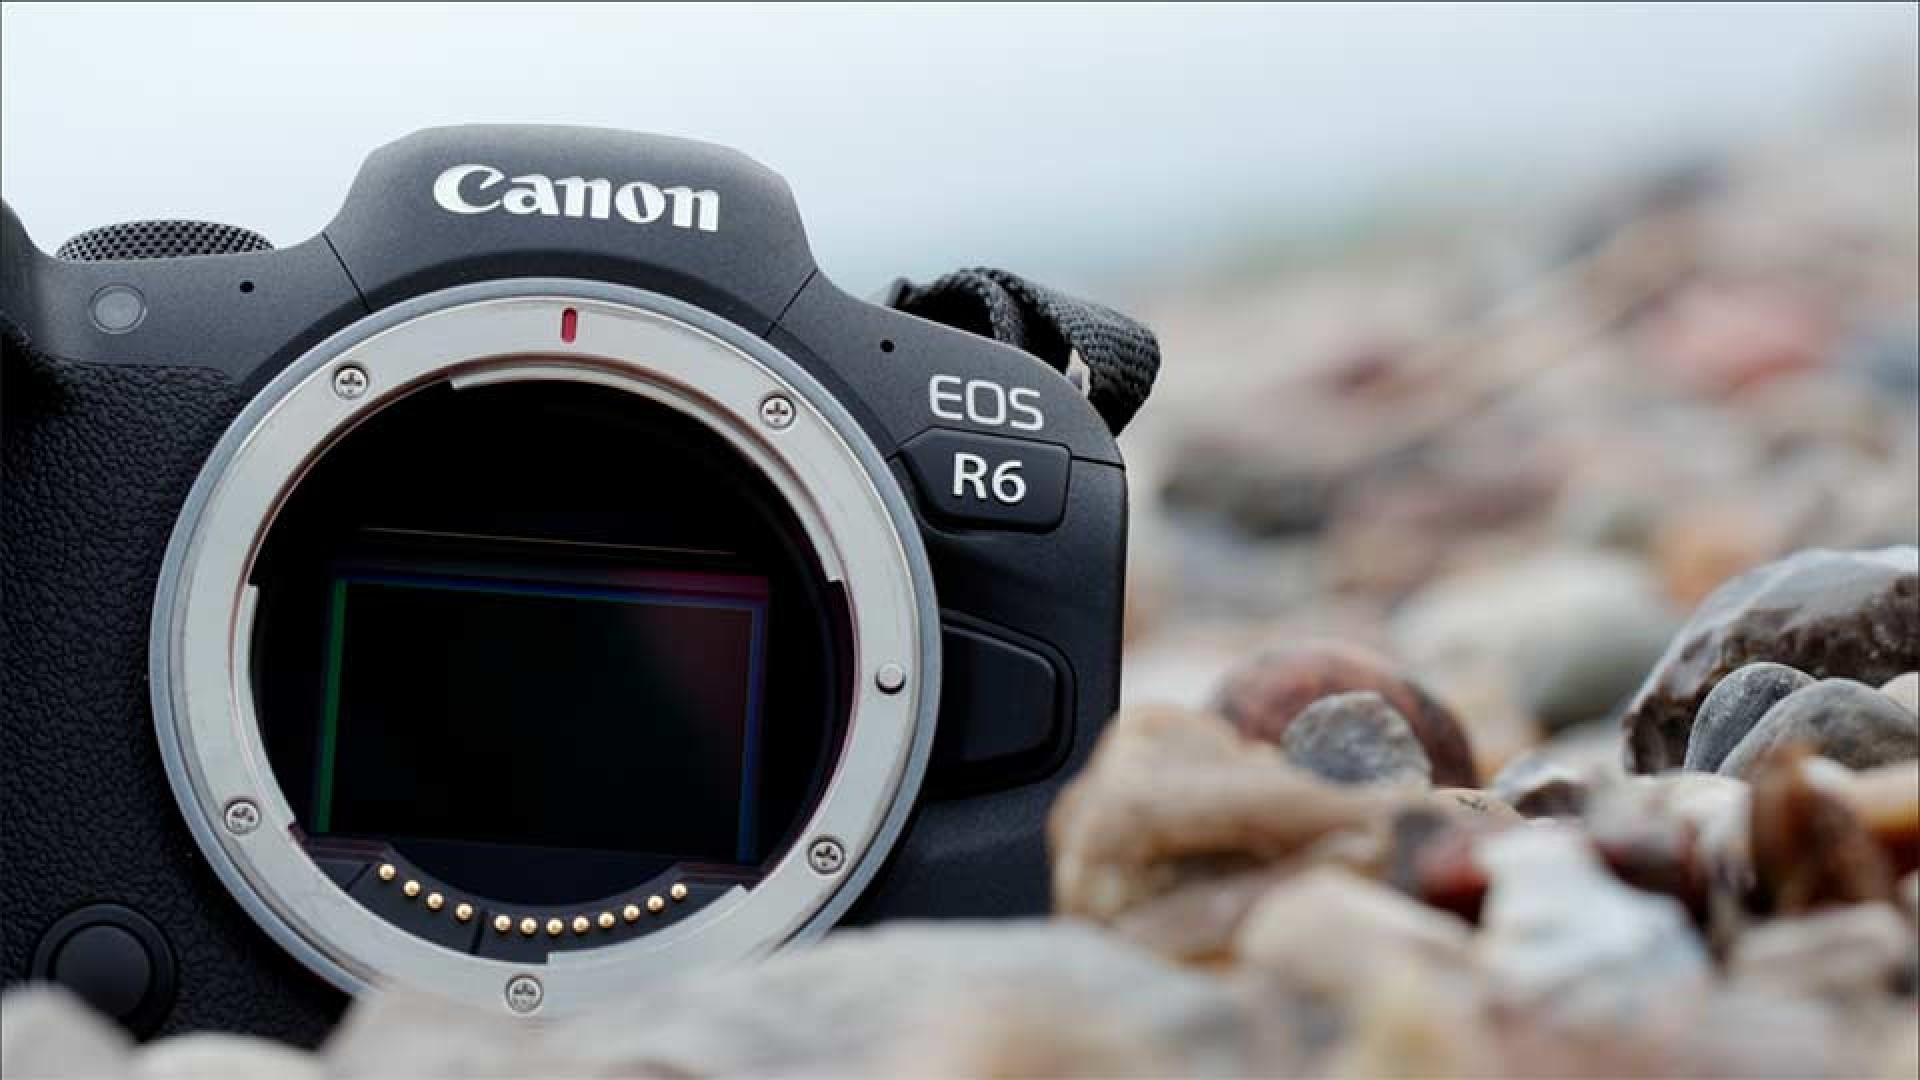 Die EOS R6 mit kamerainterner Bildstabilisierung, EOS R6, IBIS, Bildstabilisator